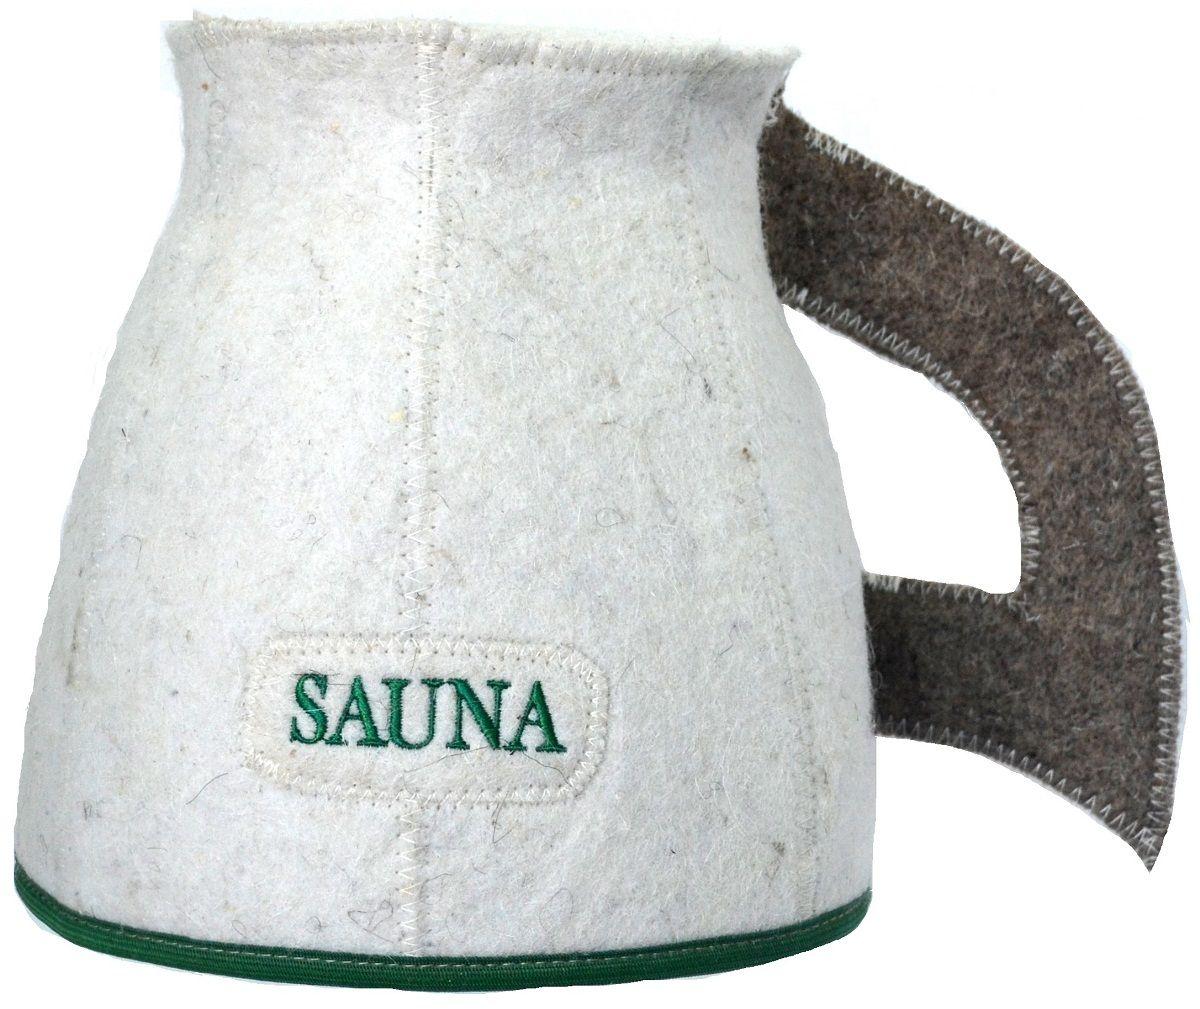 Шапка для бани и сауны Ecology Sauna Кружка, цвет: белый, серый, зеленыйДЮН-К172-3Необходимый предмет в бане и сауне. Изготовлен из овечий шерсти. Защищает голову от перегрева и ожогов. Прекрасно впитывает влагу и пот. Сделает Ваше посещение парилки комфортным и безопасным. Колпак для сауны не только предохраняет от вредного воздействия, но и является модным аксессуаром. Может быть отличным подарком к празднику .